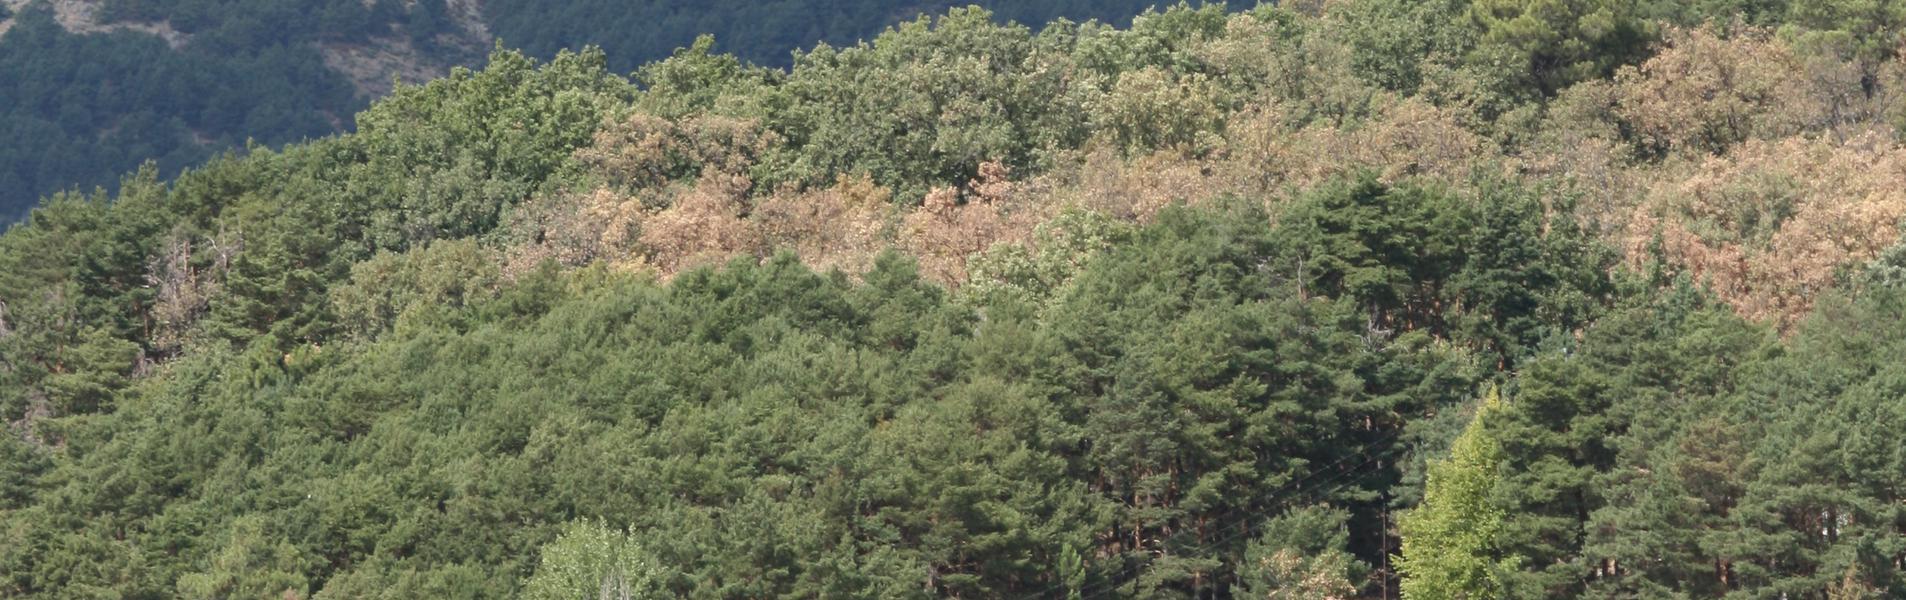 Miraflores de la Sierra